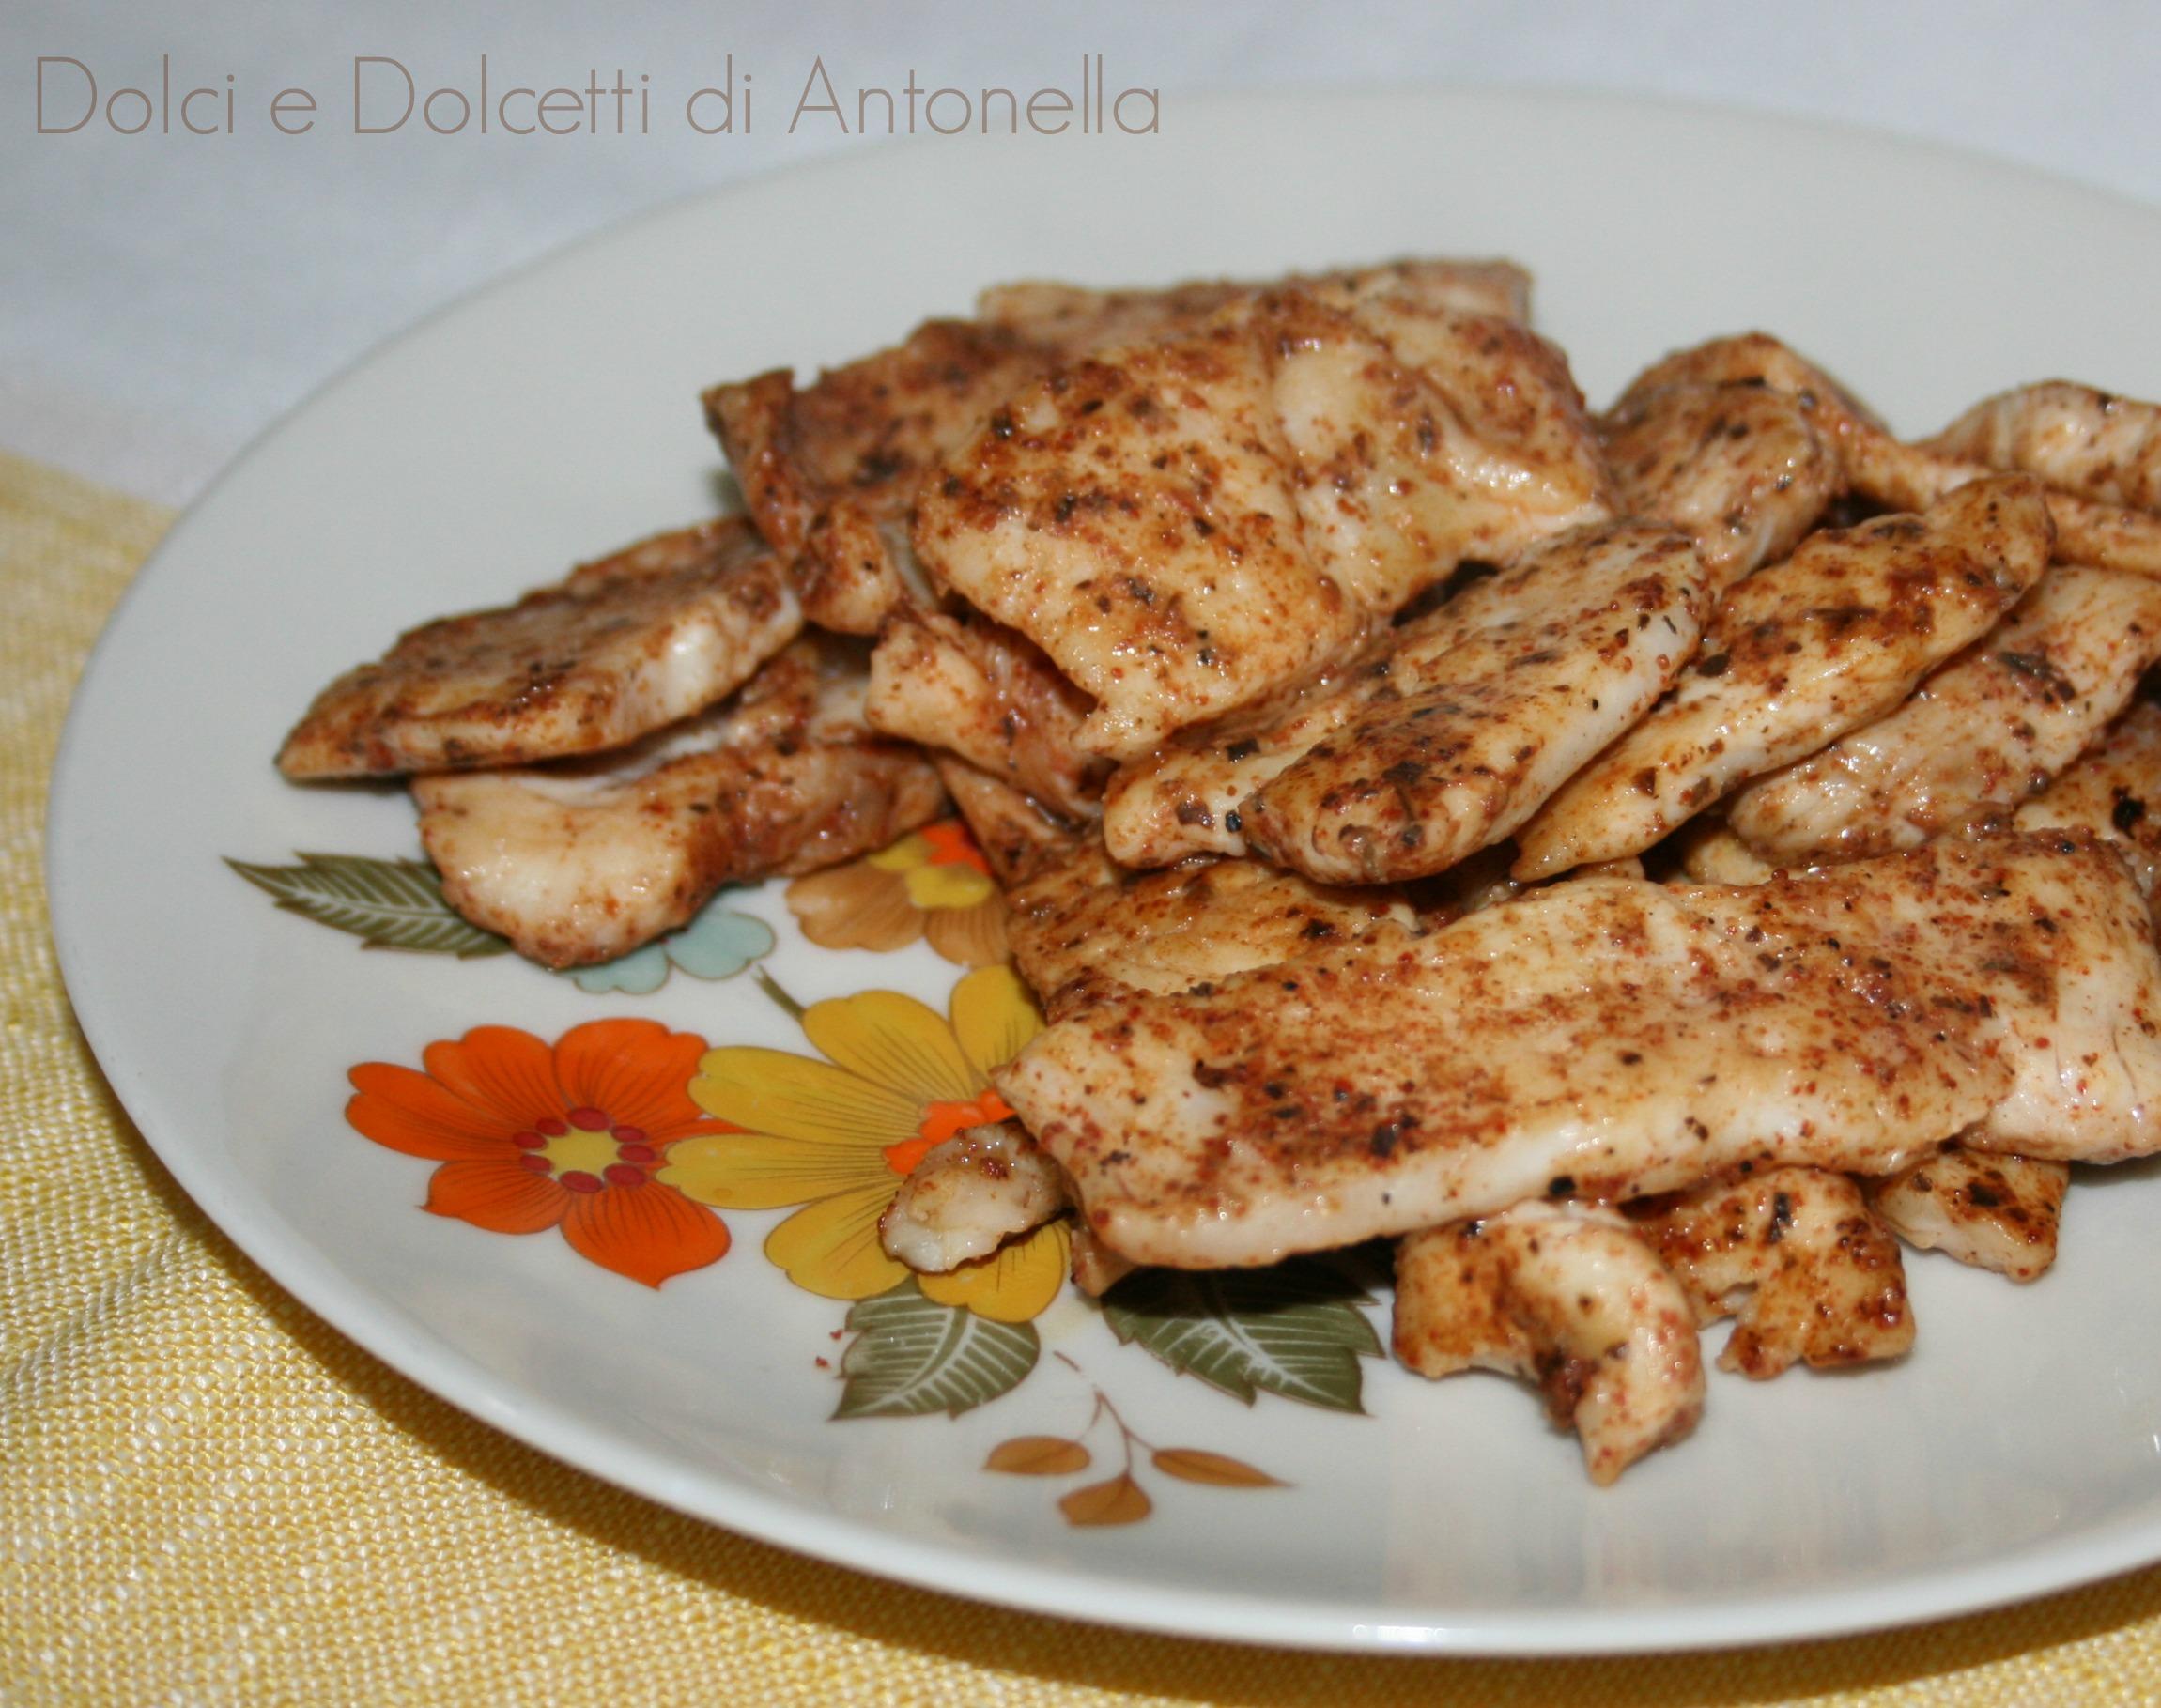 Ricetta Kebab Con Petto Di Pollo.Bocconcini Di Pollo Con Spezie Kebab Dolci E Dolcetti Di Antonella